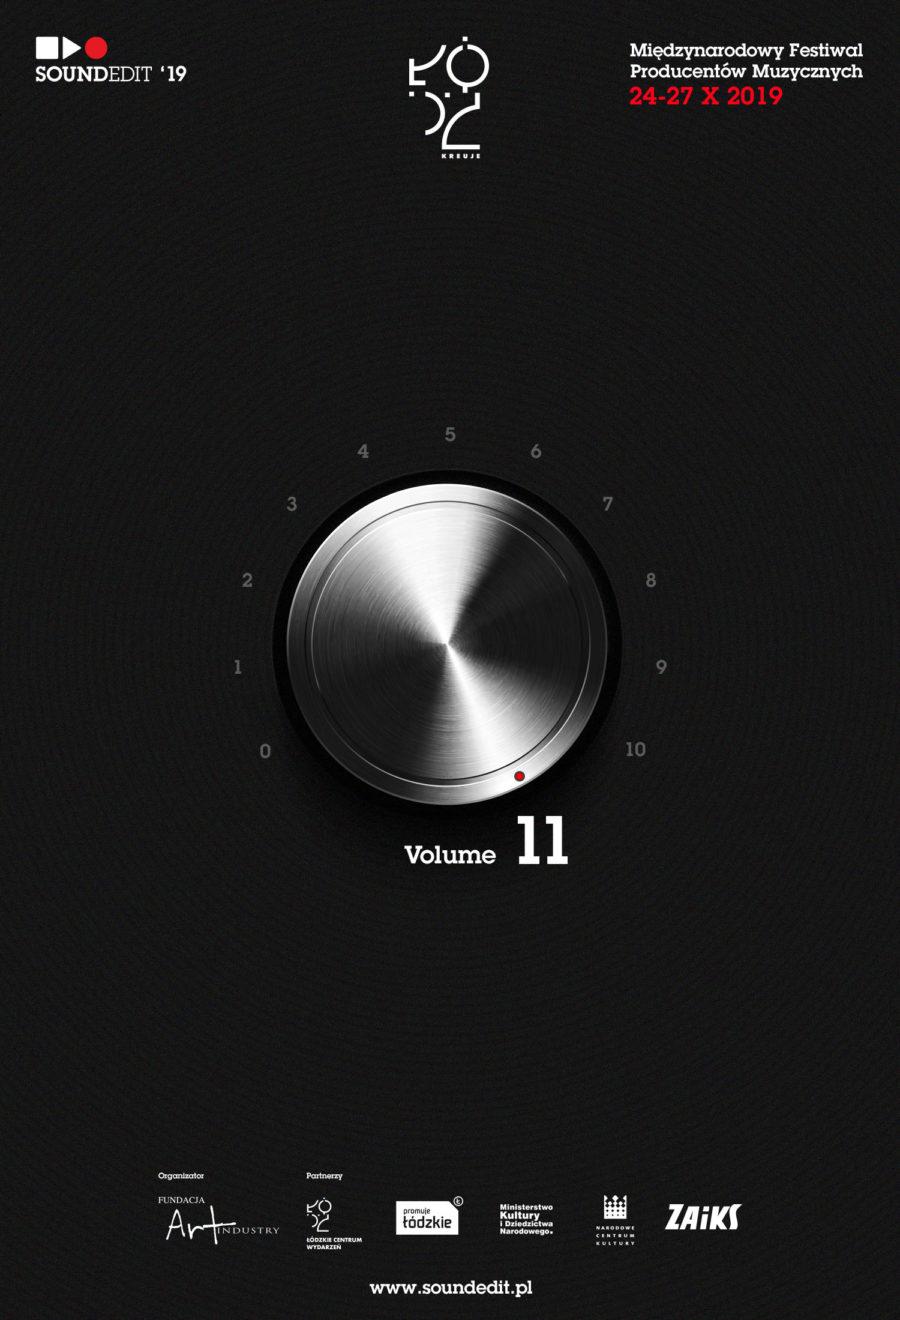 Soundedit '19 – Początek na sam koniec